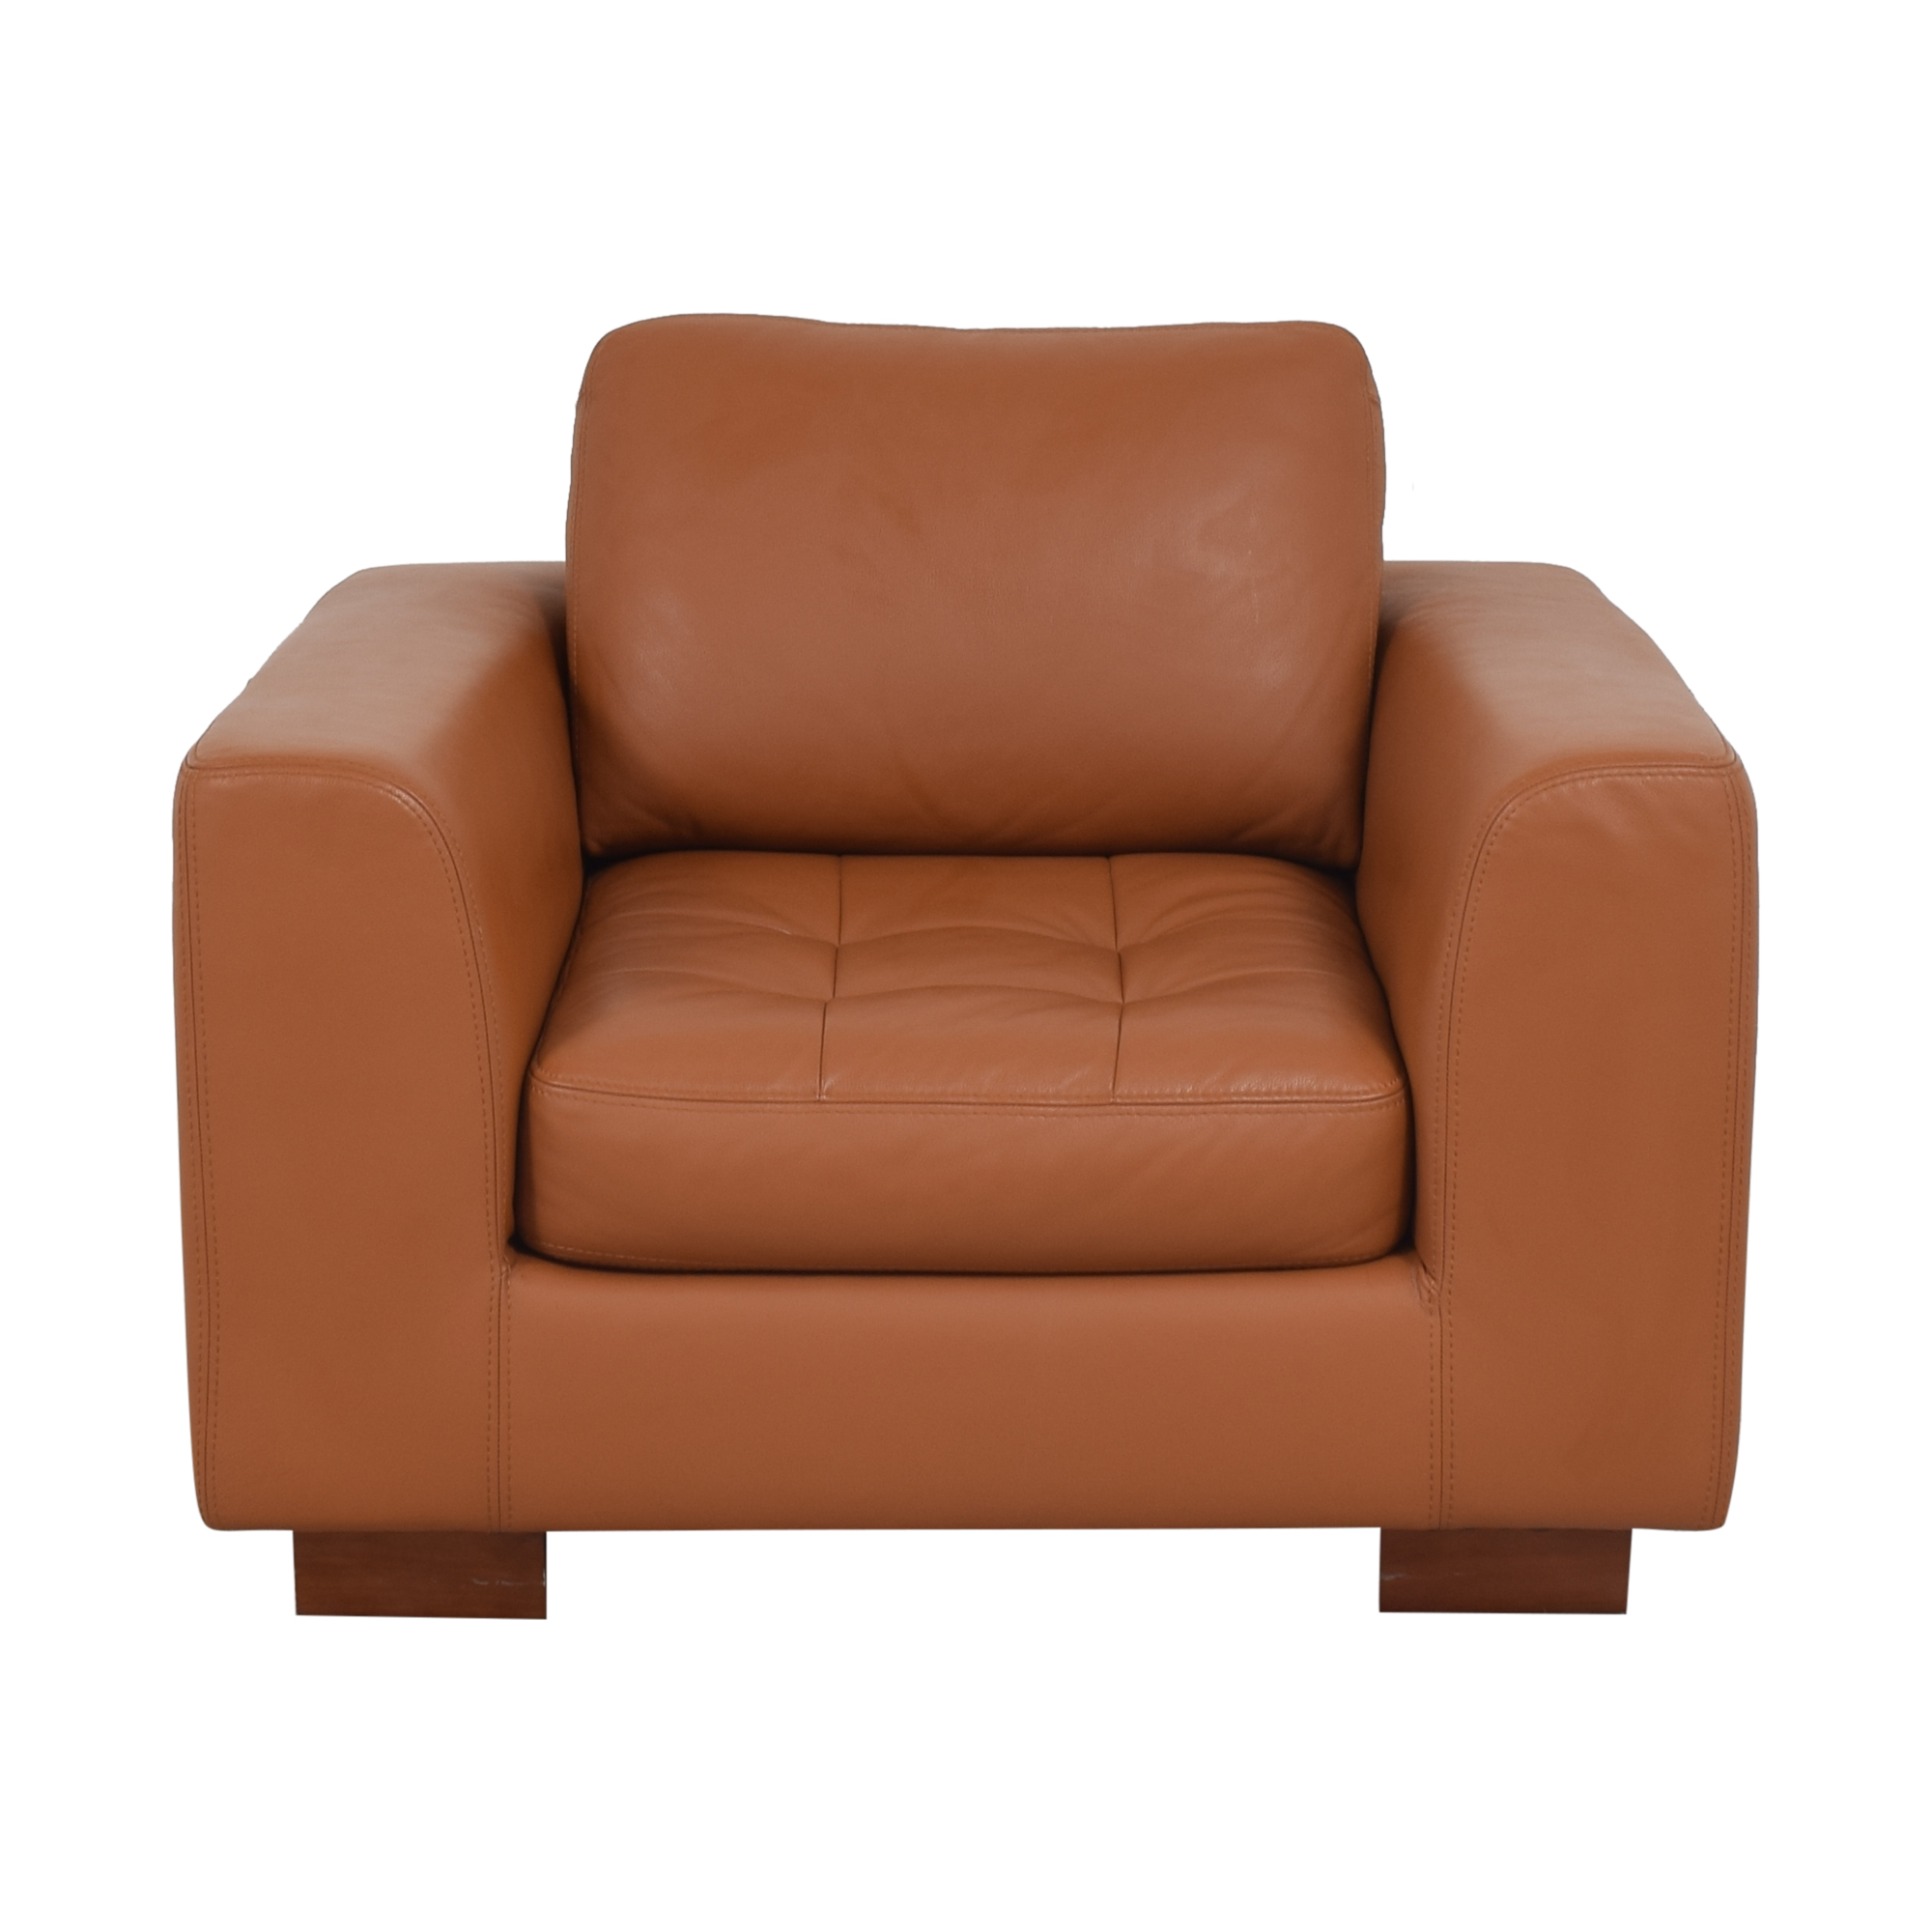 W. Schillig W. Schillig Club Chair Chairs